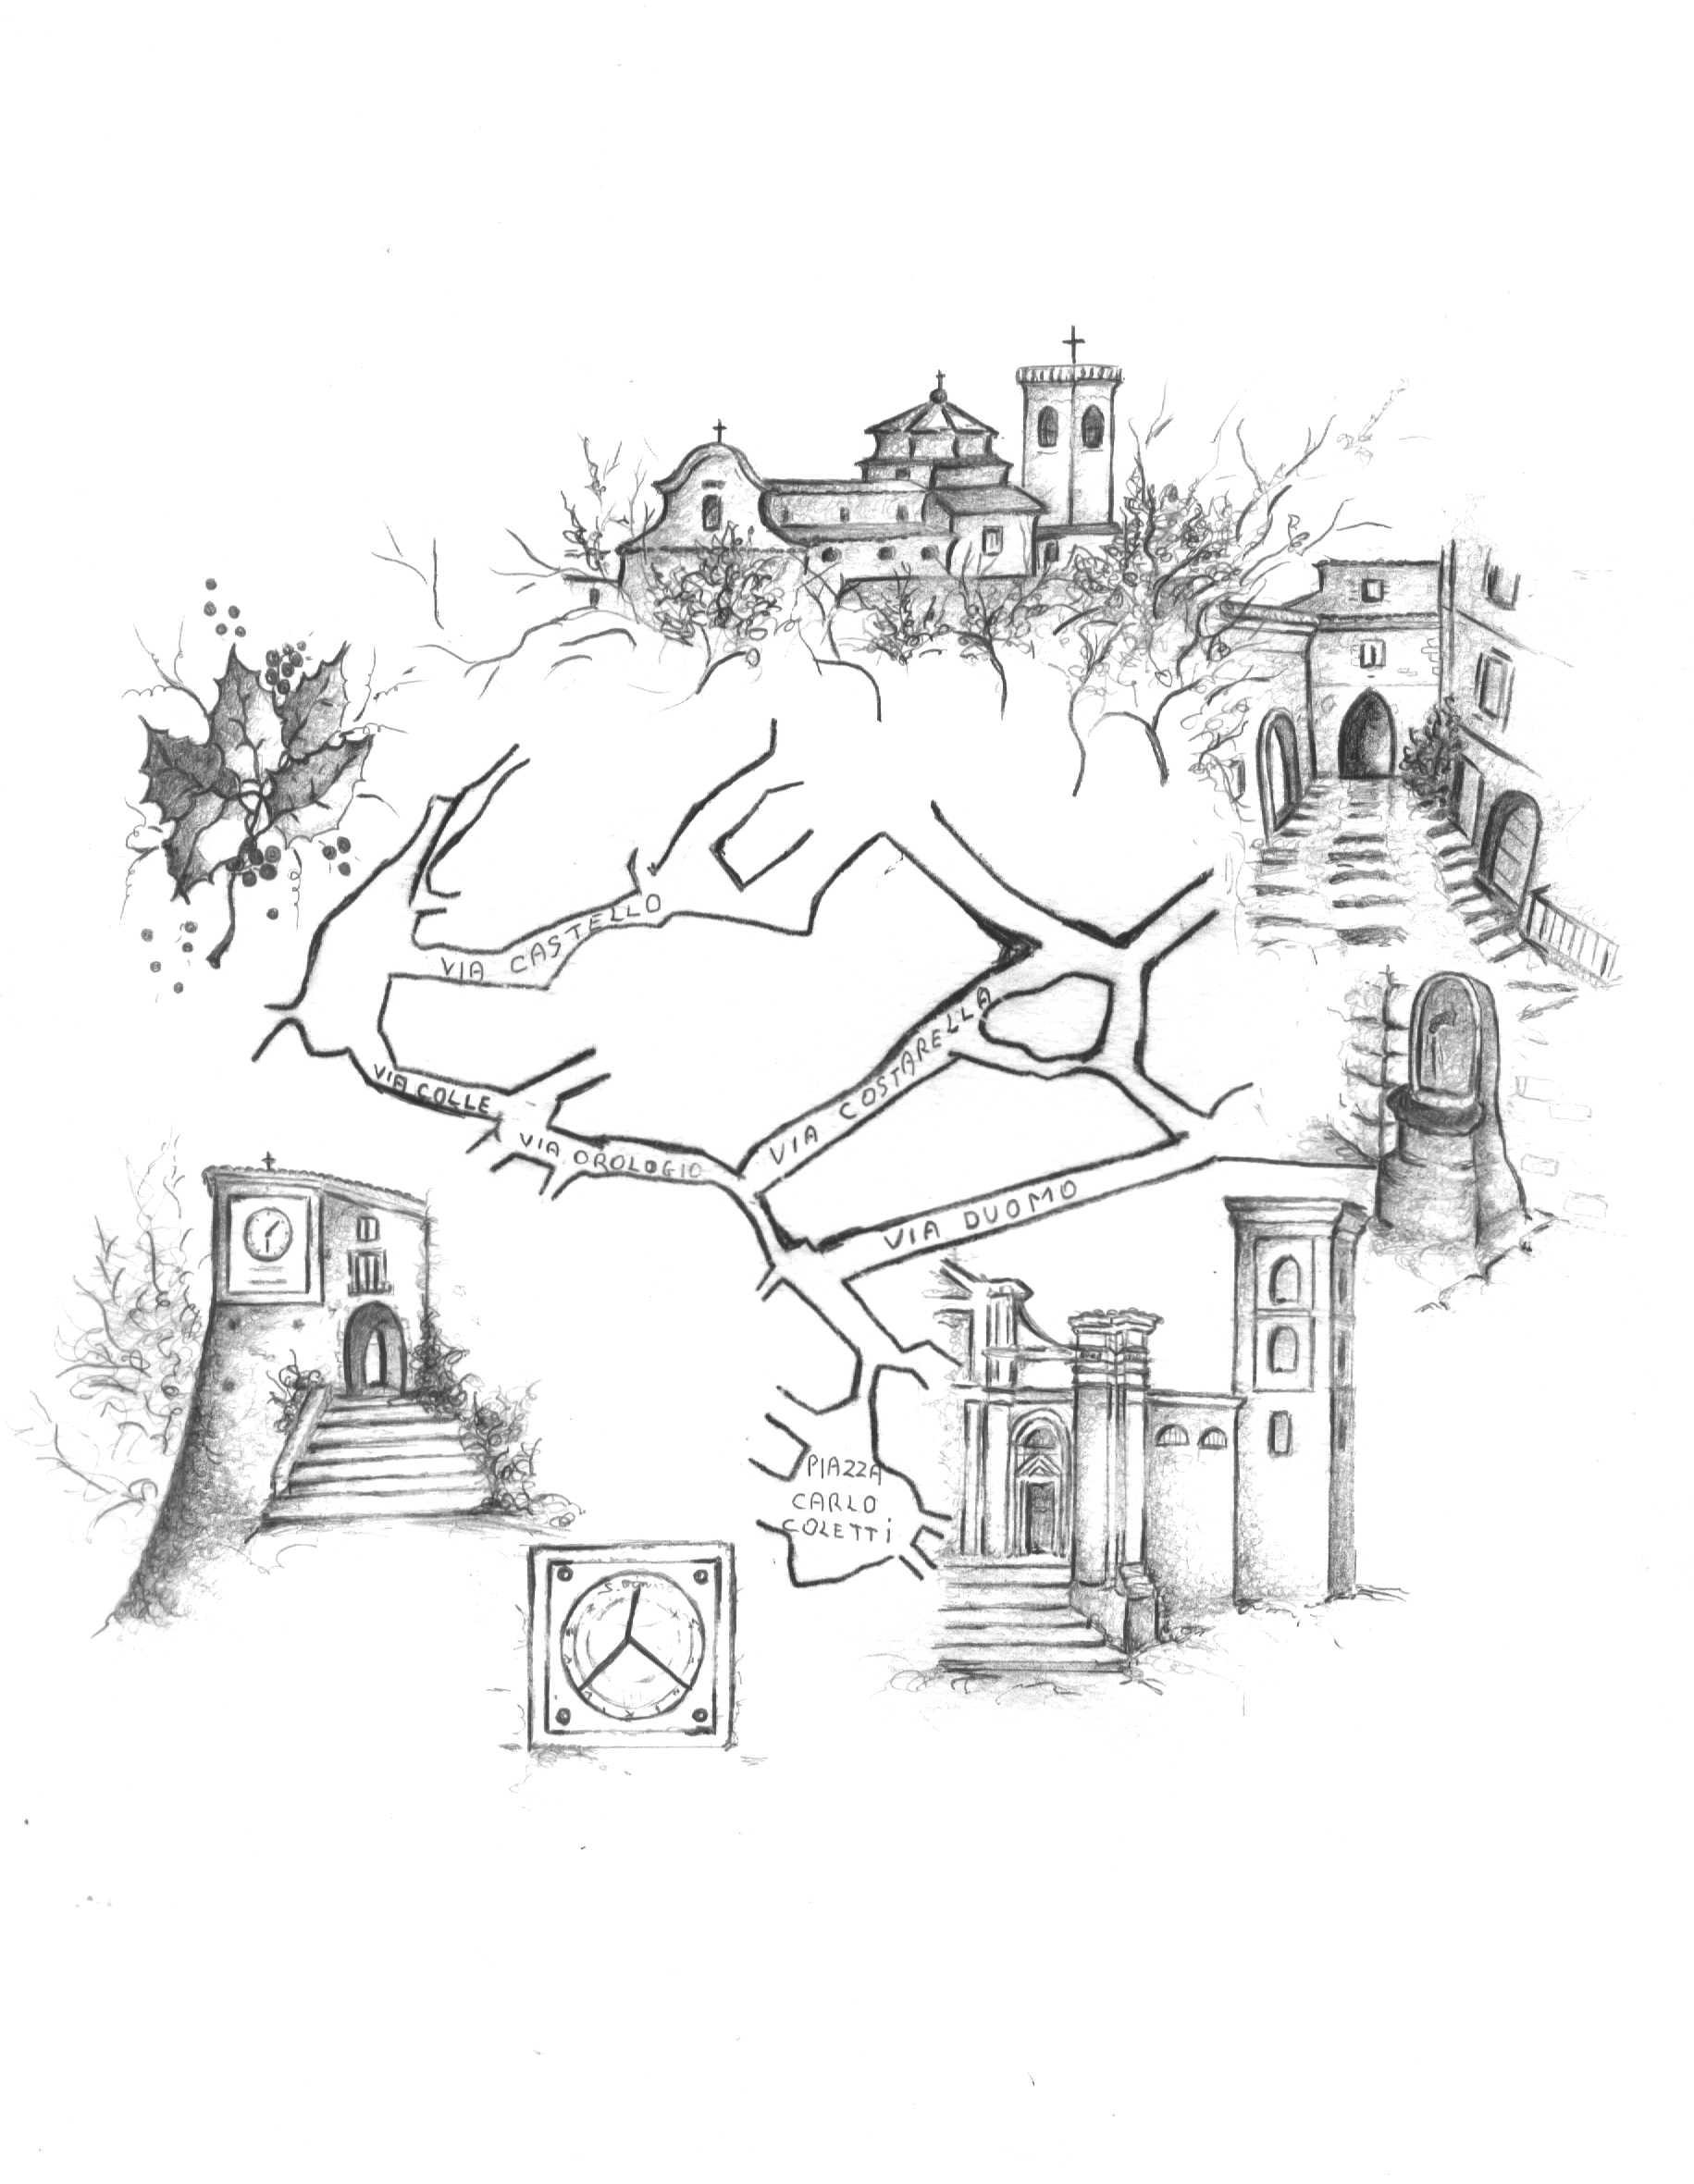 image-1598